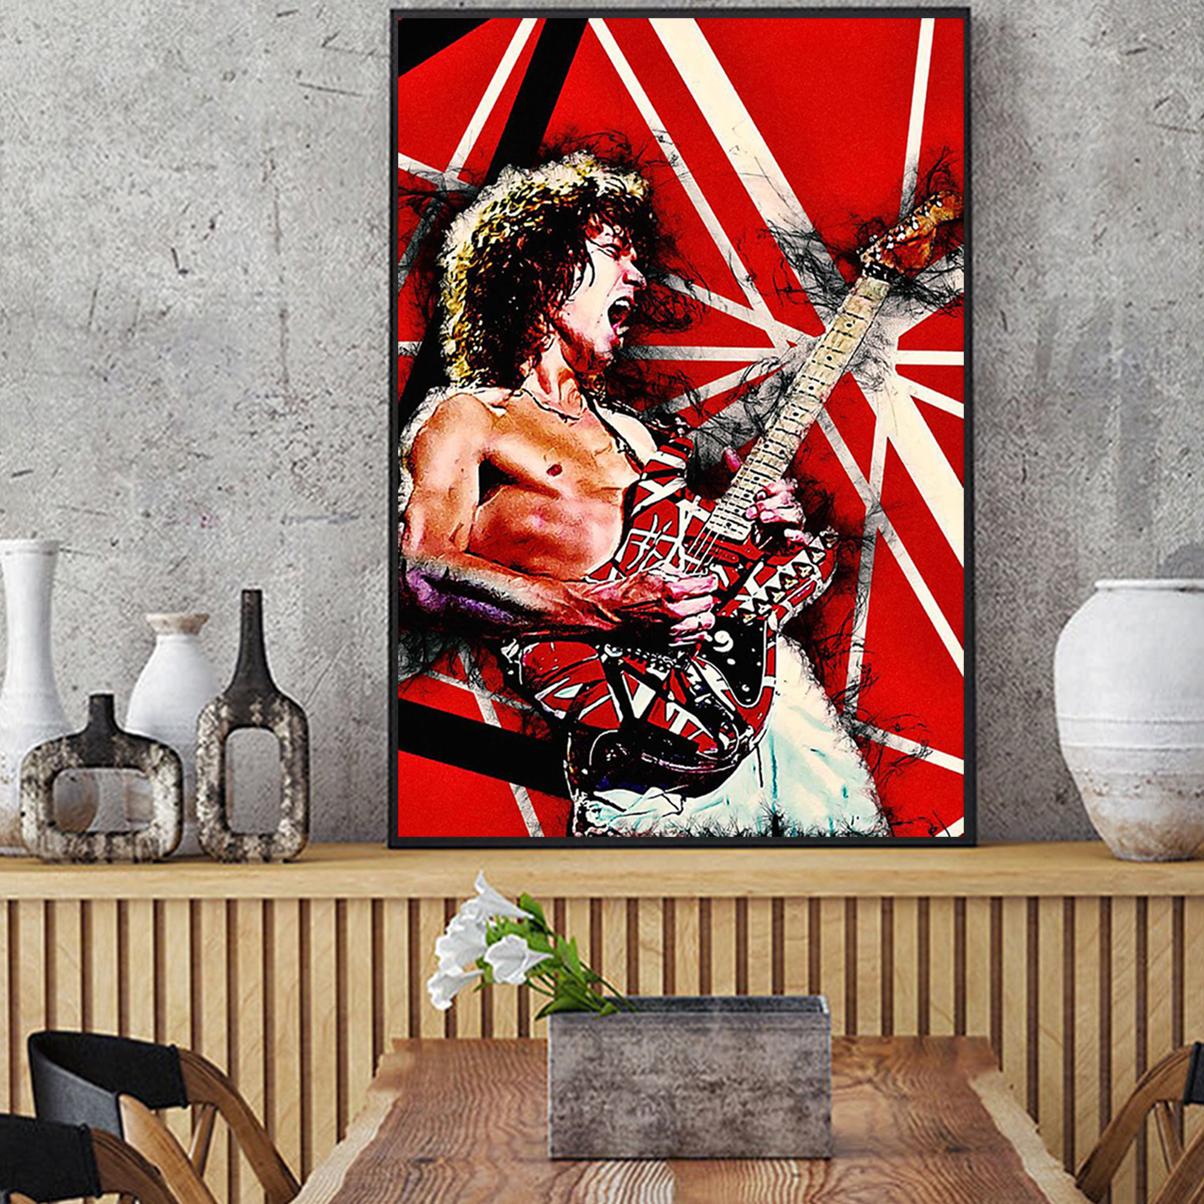 Eddie van halen guitar poster A2